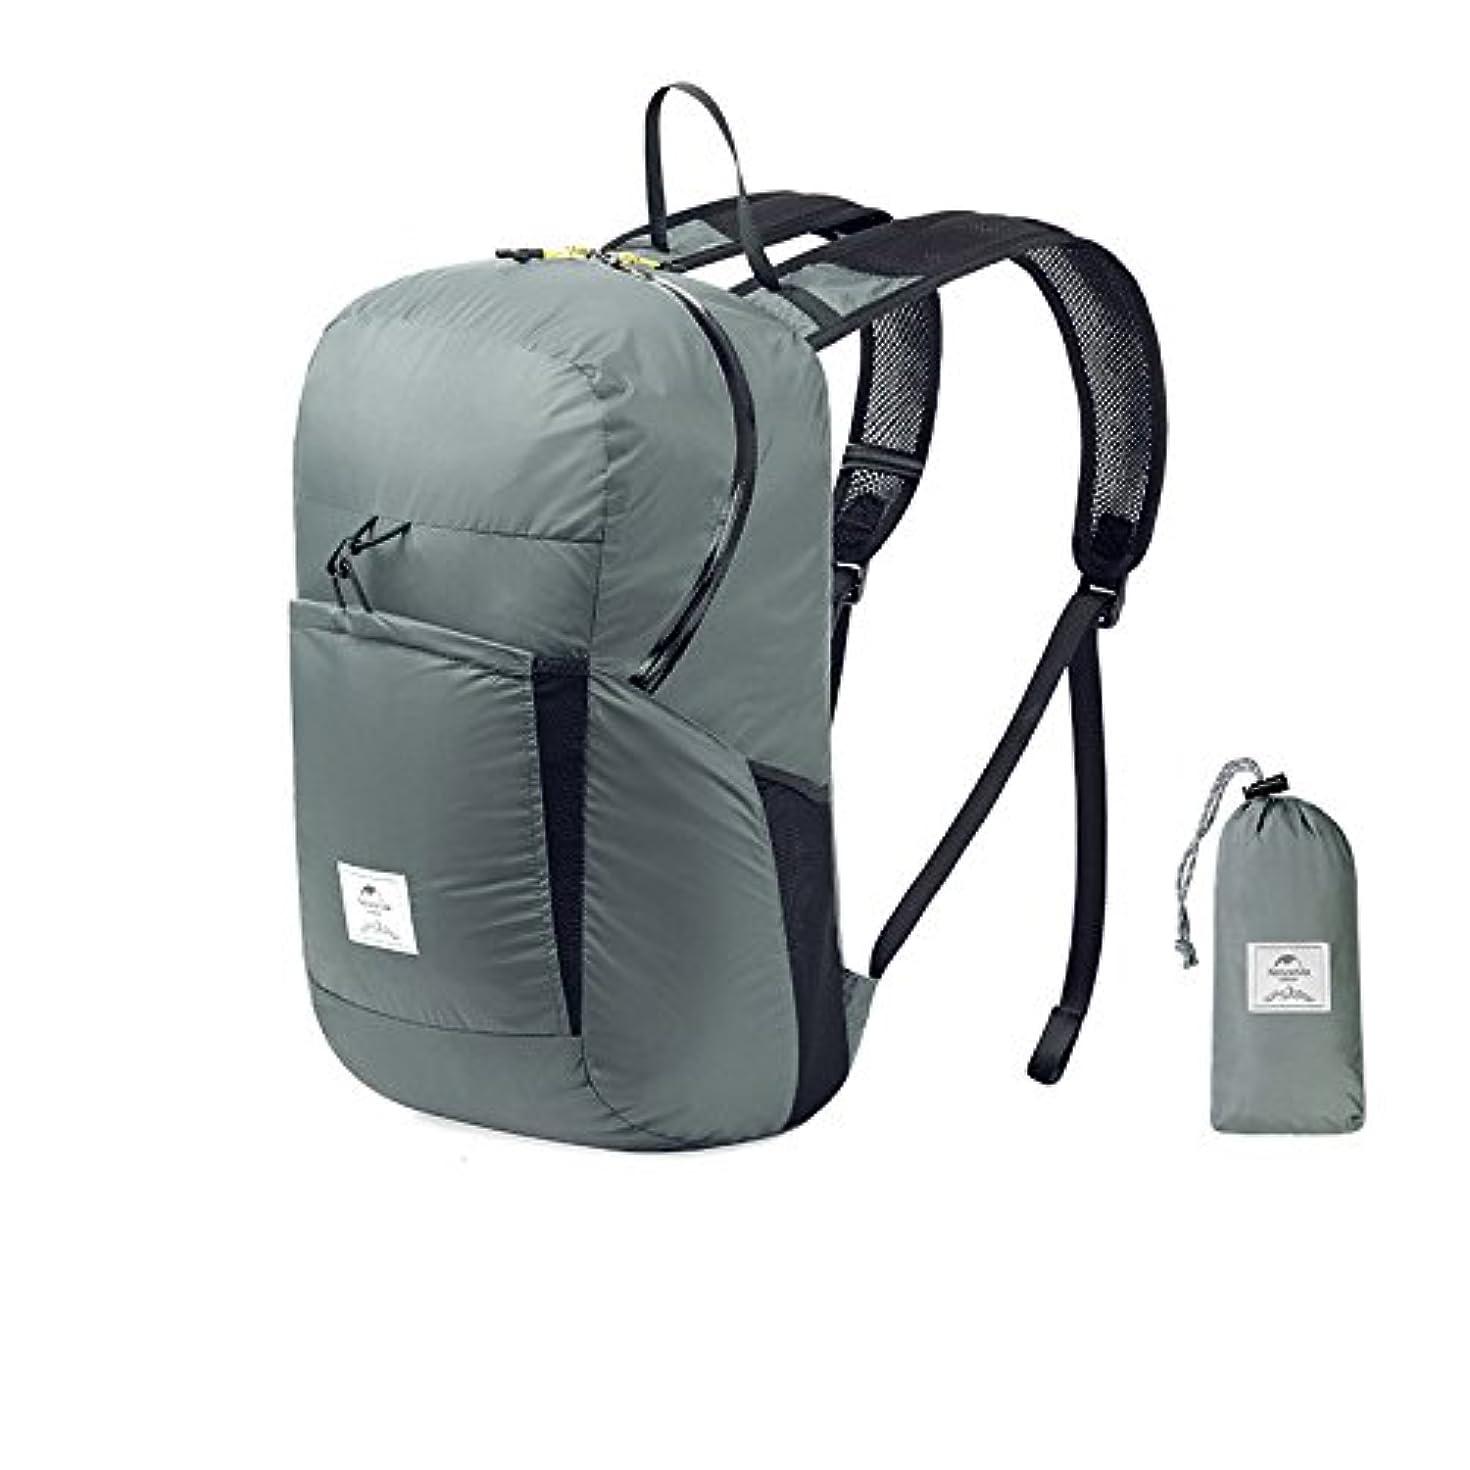 推定学期掃くユニセックスバッグ超軽量折りたたみバックパック防水ショルダーバッグバギーバッグ付きアウトドアトラベリングバッグ